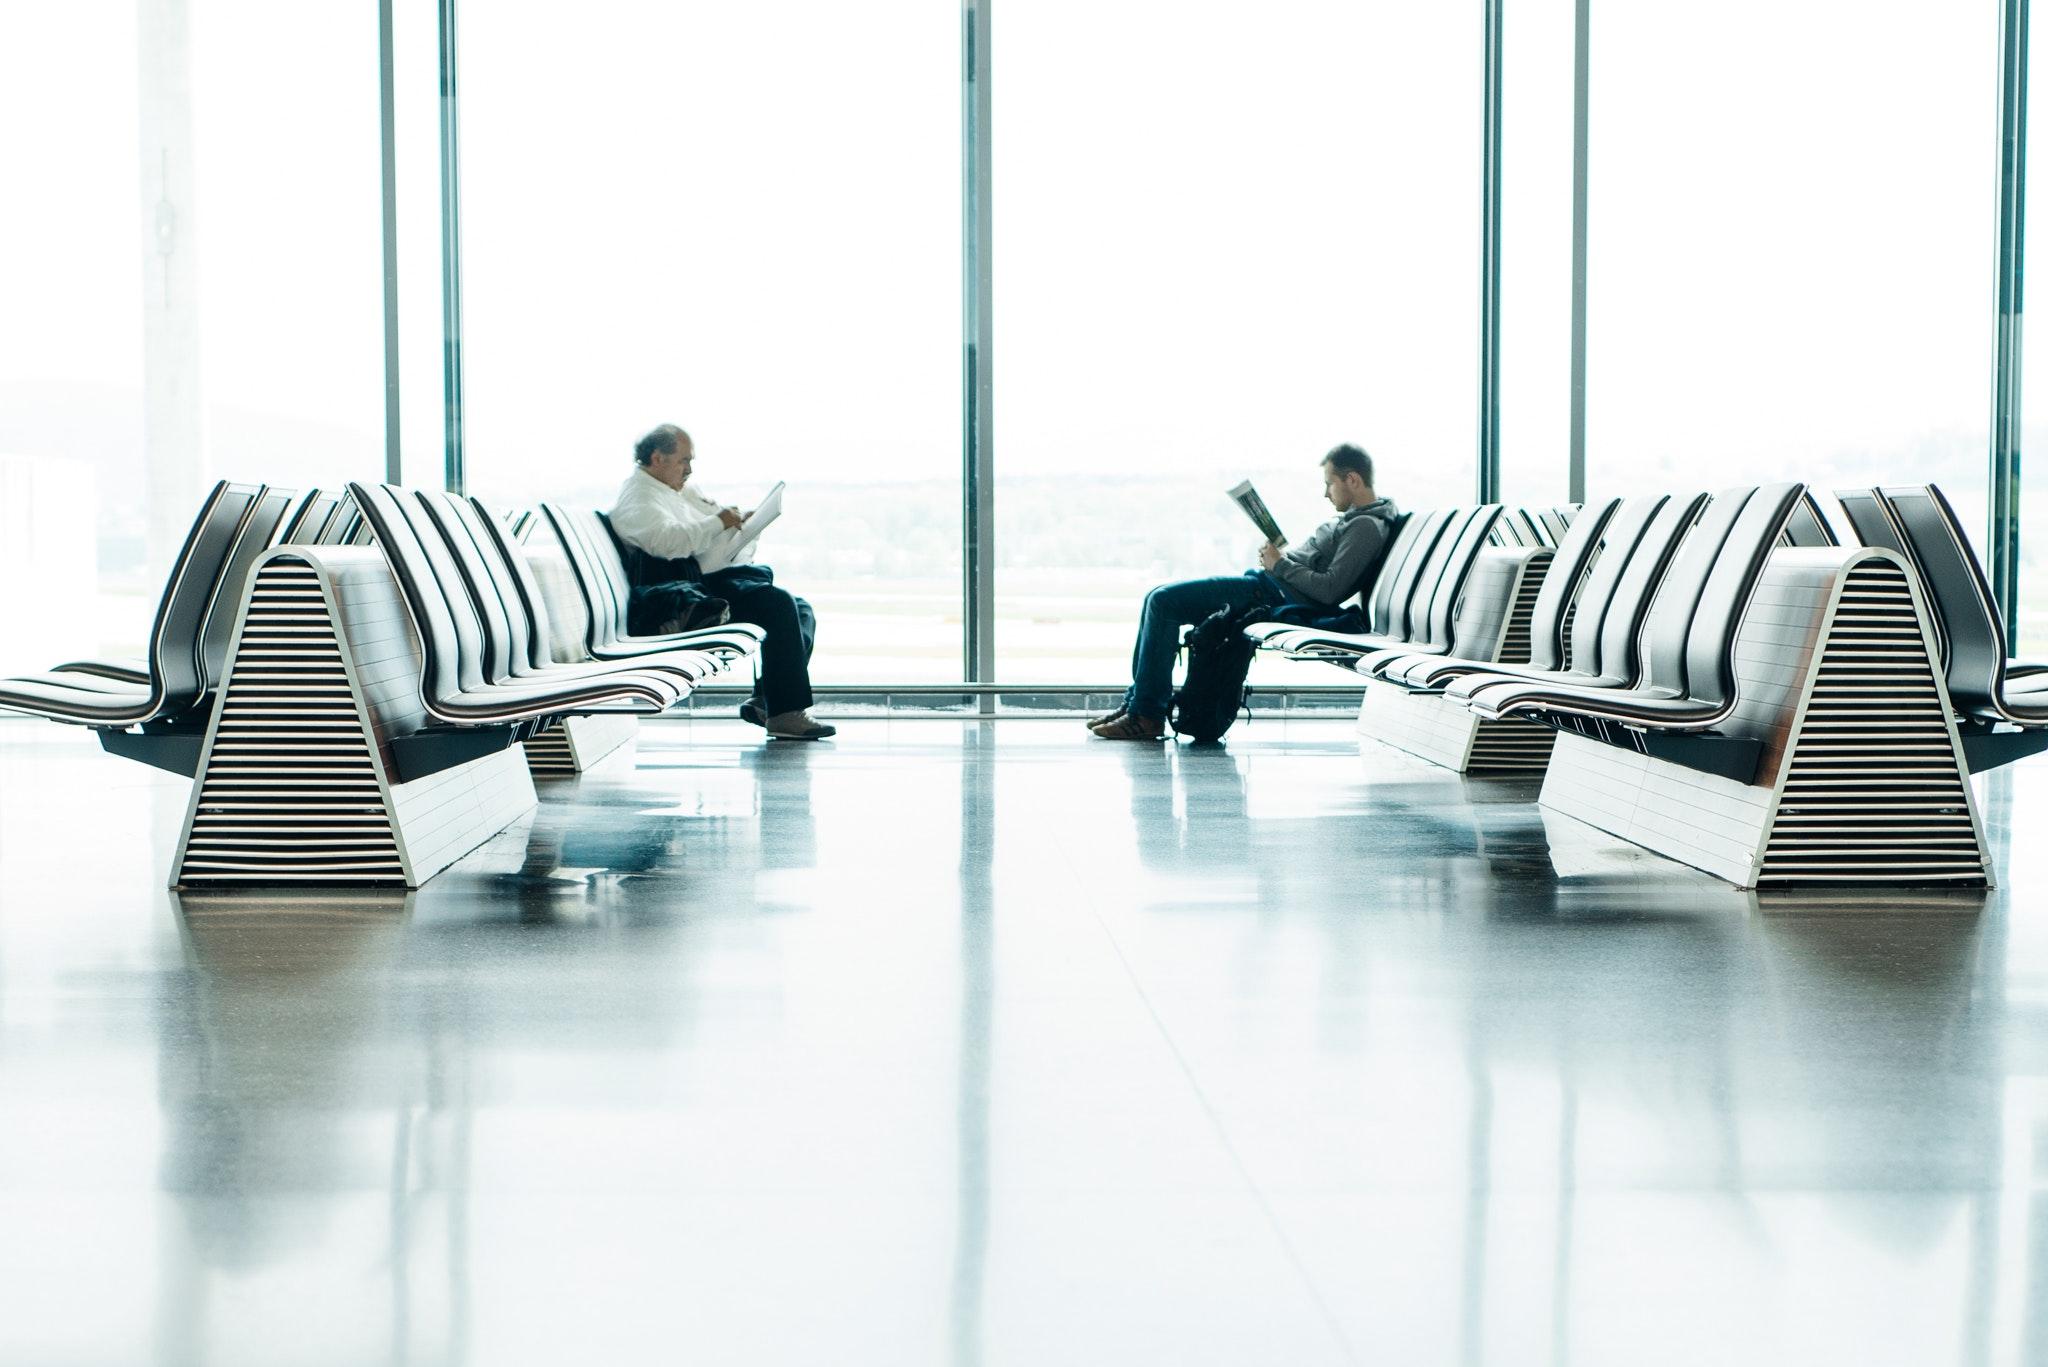 Afbudsrejser fra Aarhus Lufthavn